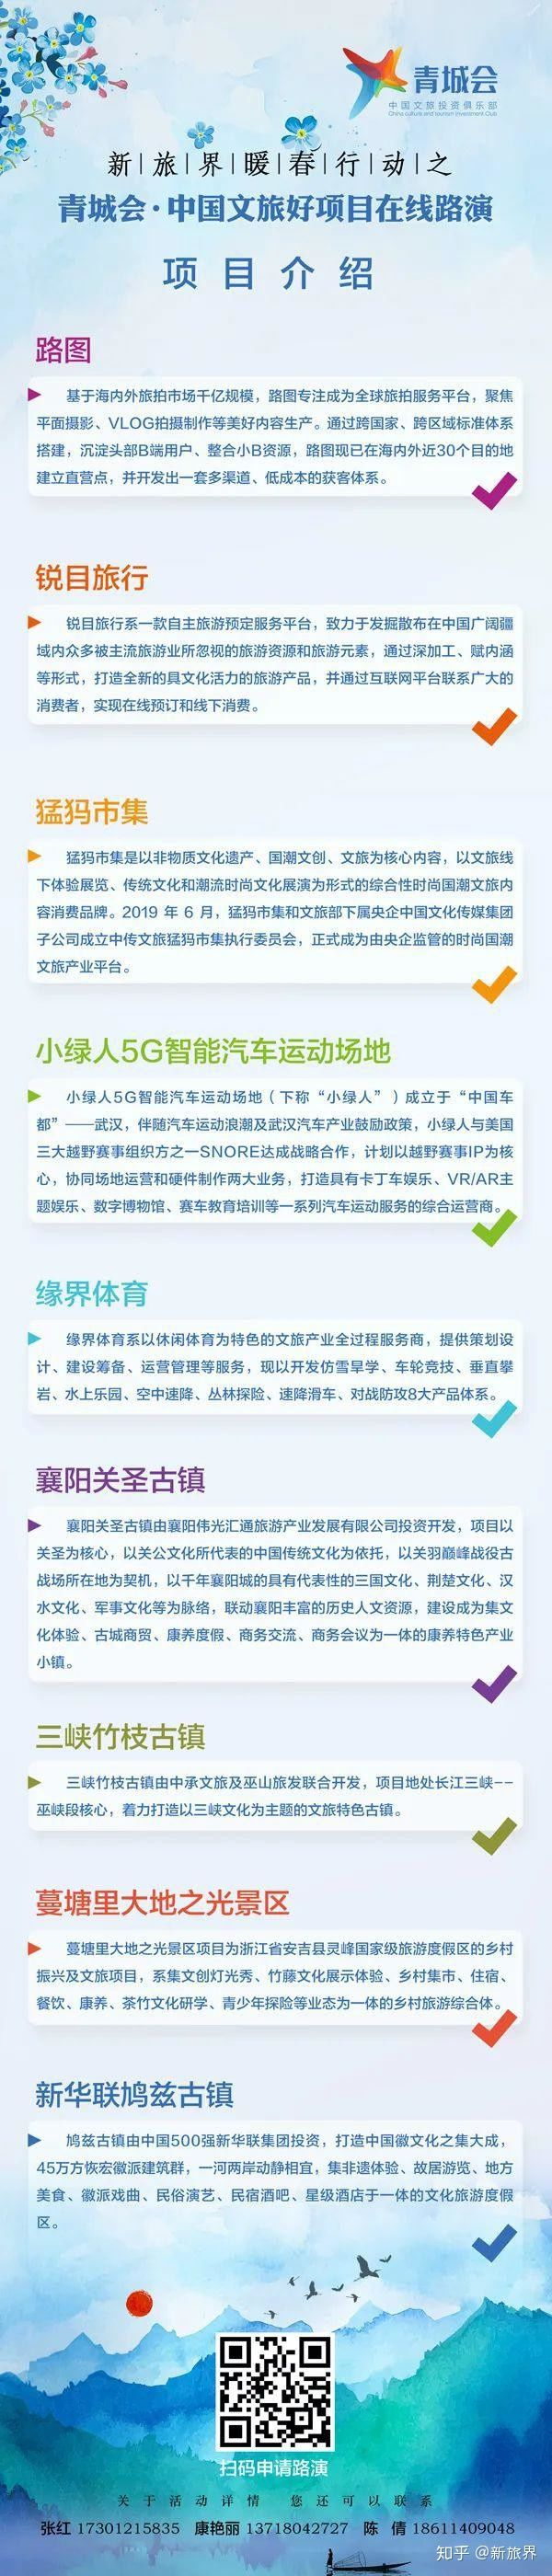 首届青城会线上路演活动成功举办!融资对接专业、高效!